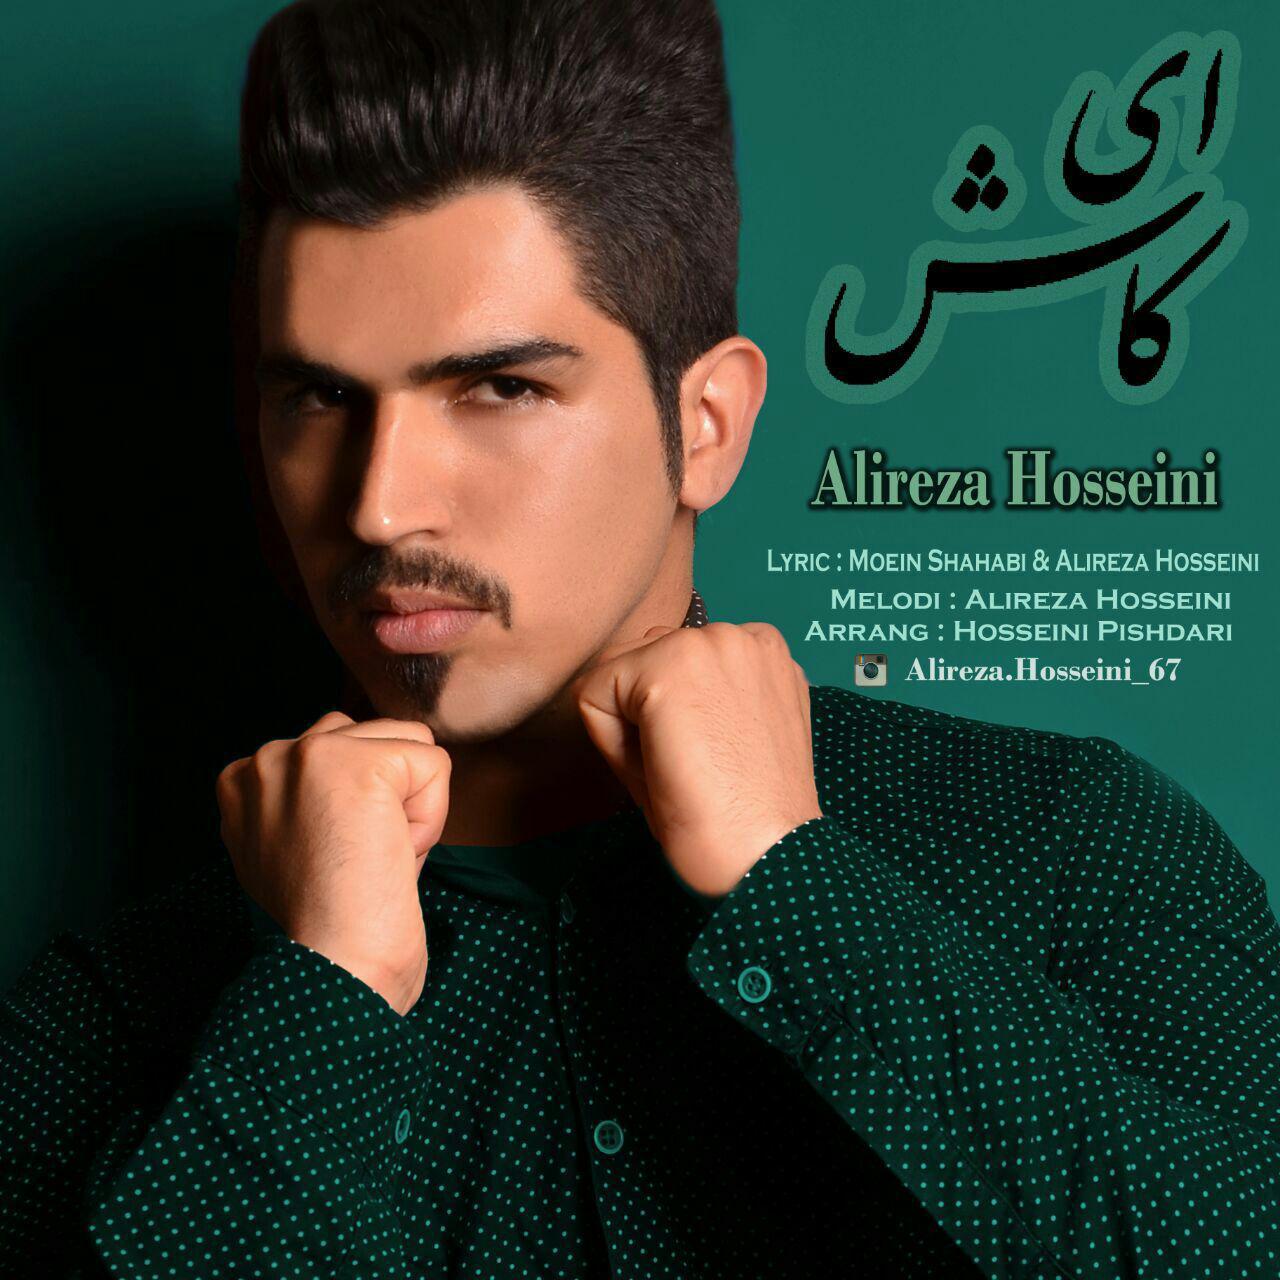 دانلود آهنگ جدید علیرضا حسینی به نام ای کاش